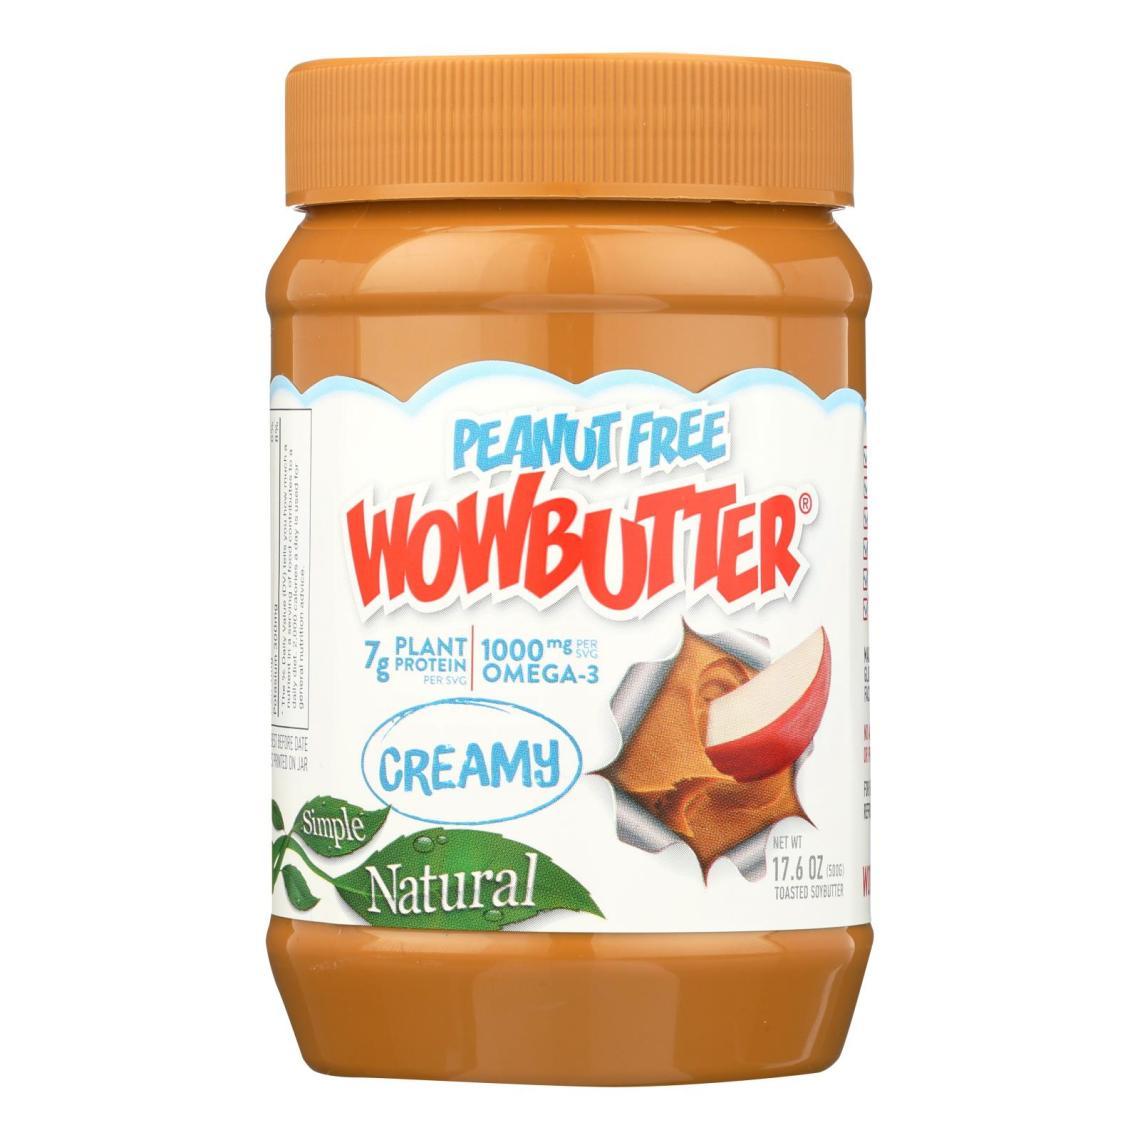 creamy wowbutter